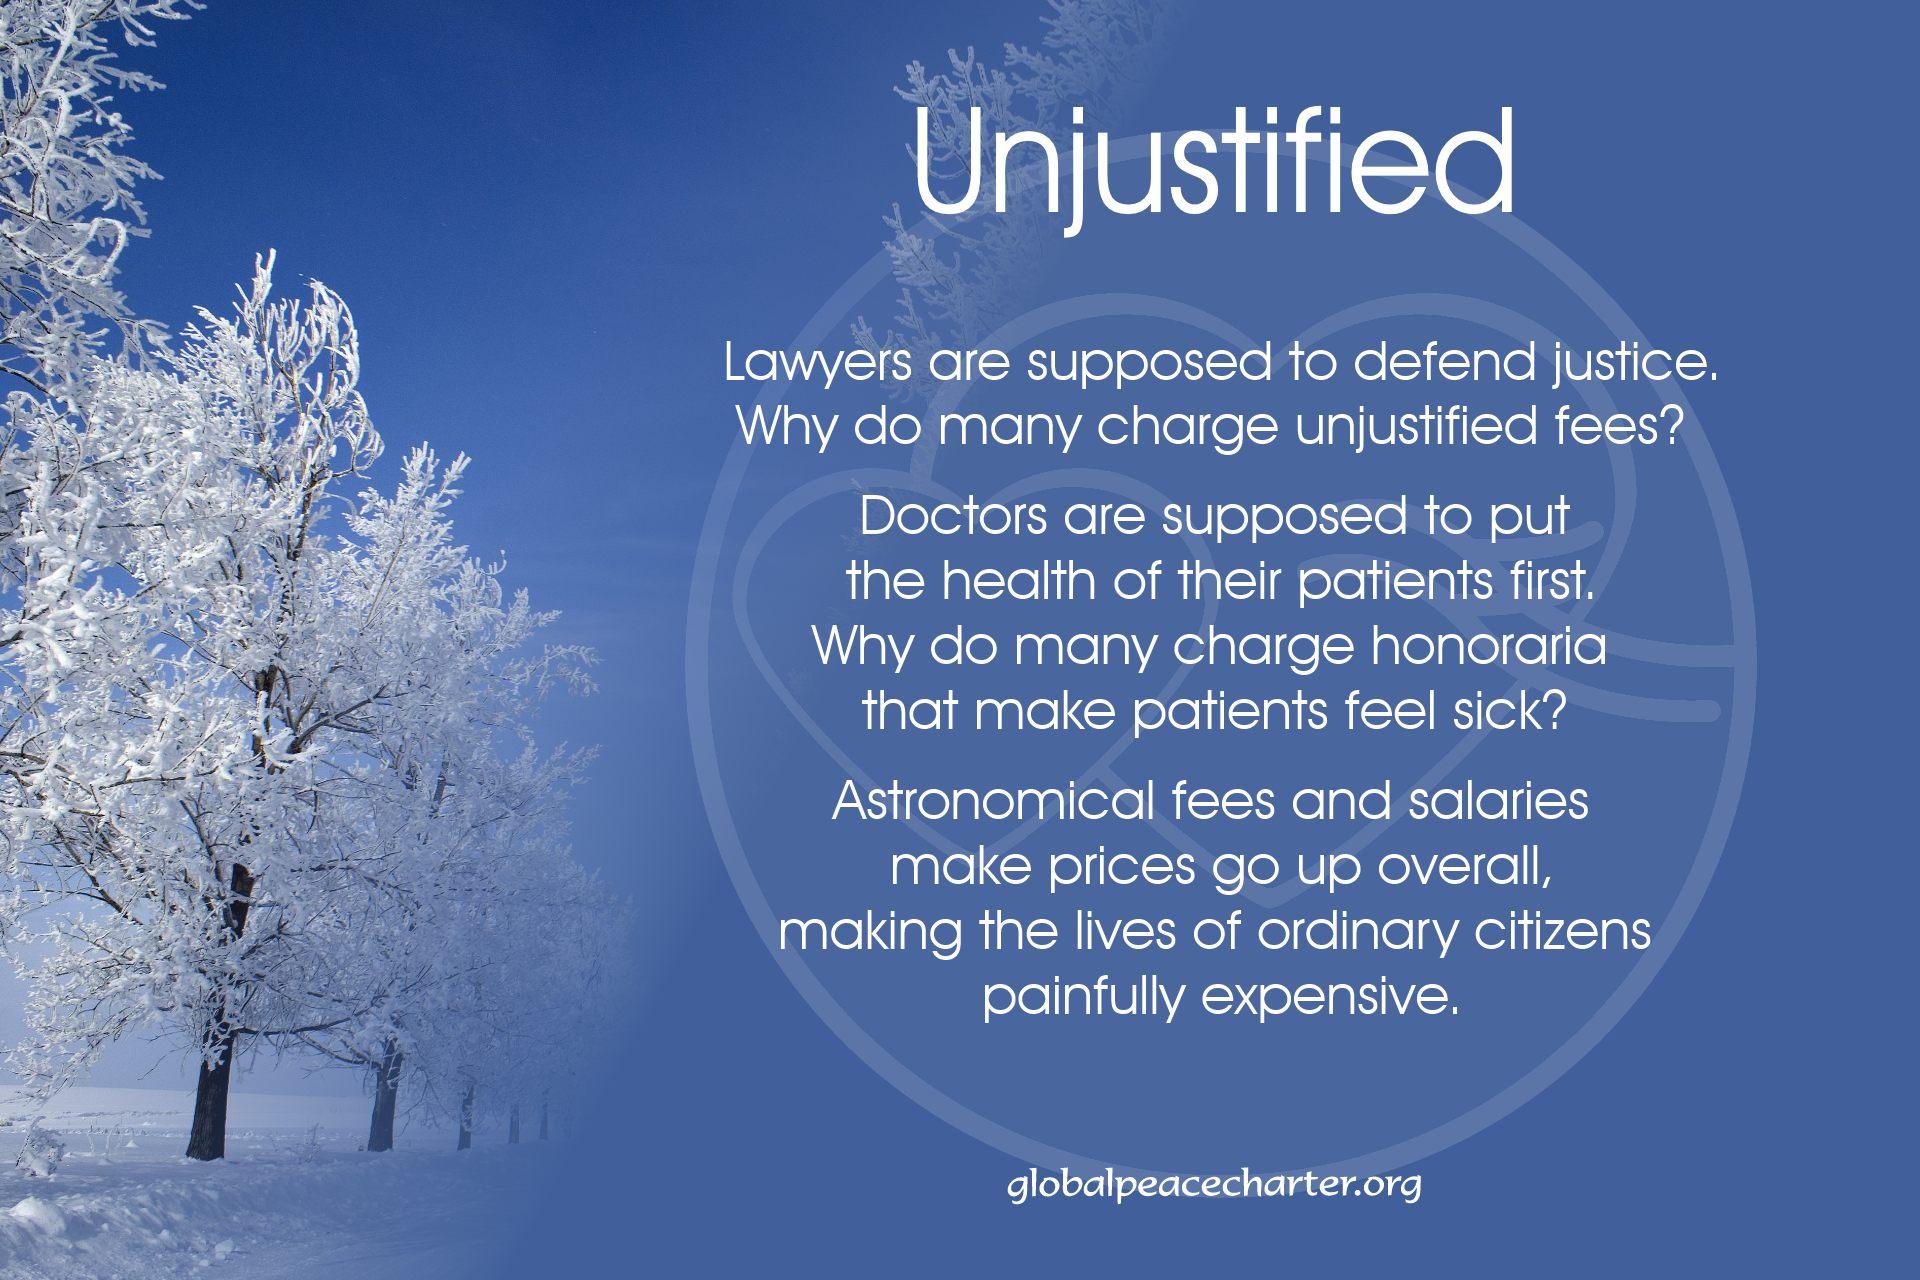 Unjustified